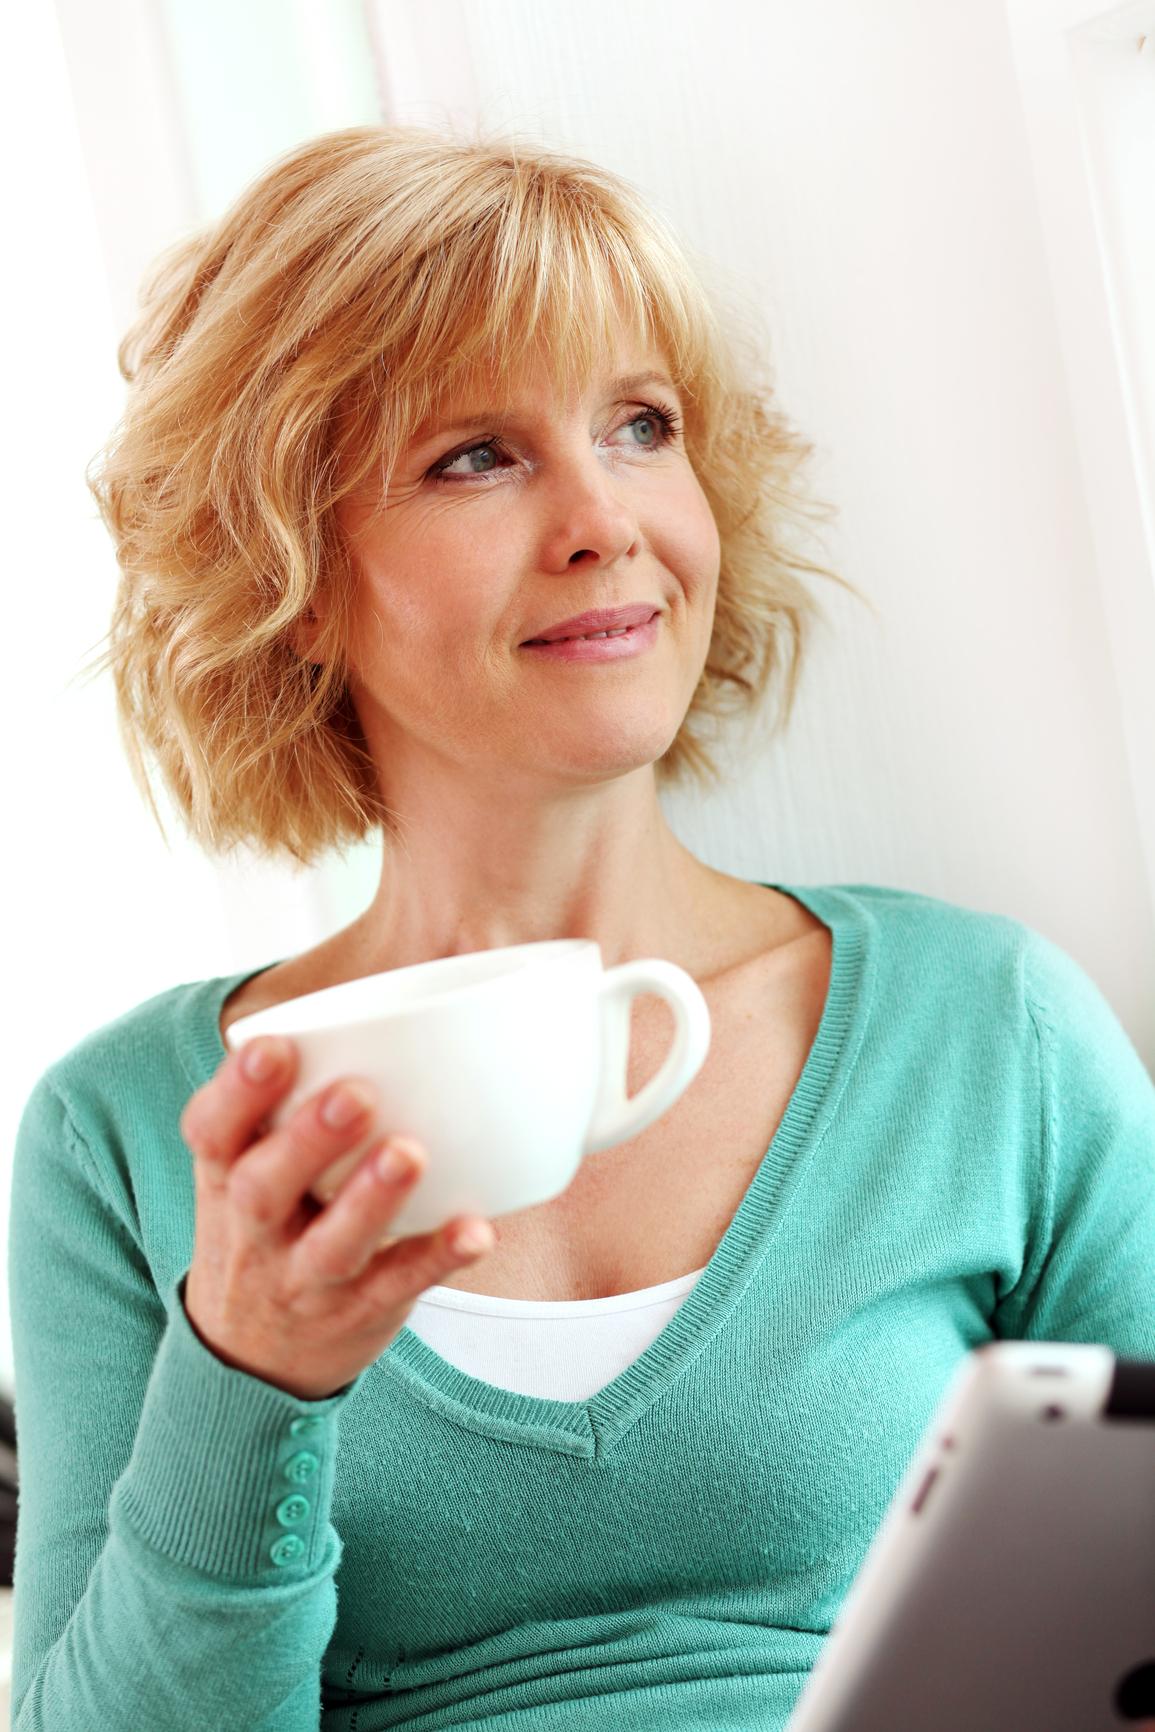 Старение кожи может быть связано со множеством факторов